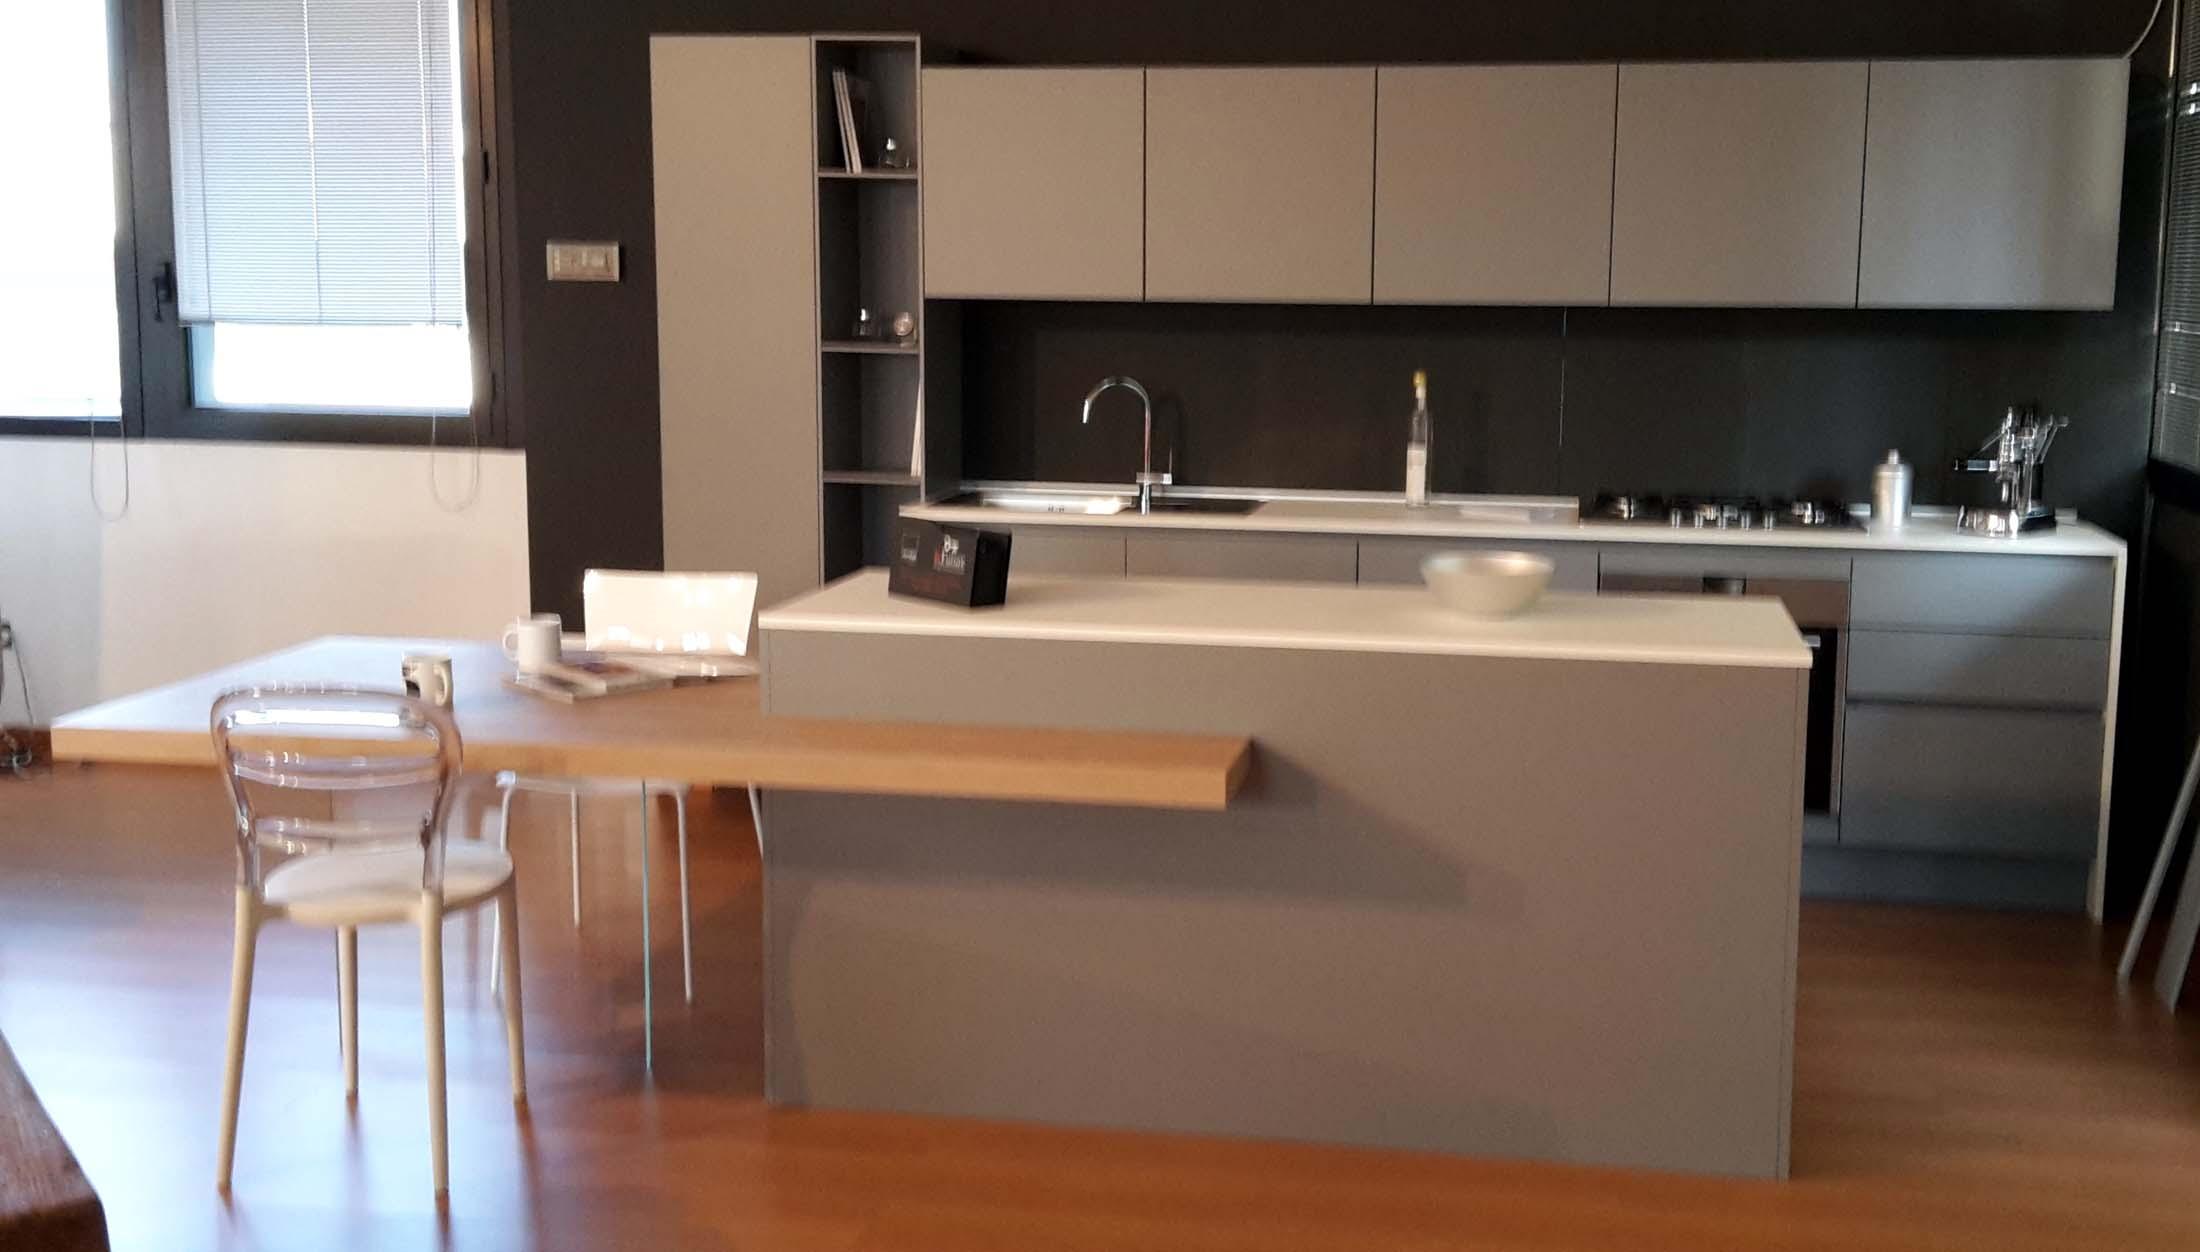 Awesome Arrital Cucine Opinioni Ideas - Idee Arredamento Casa ...